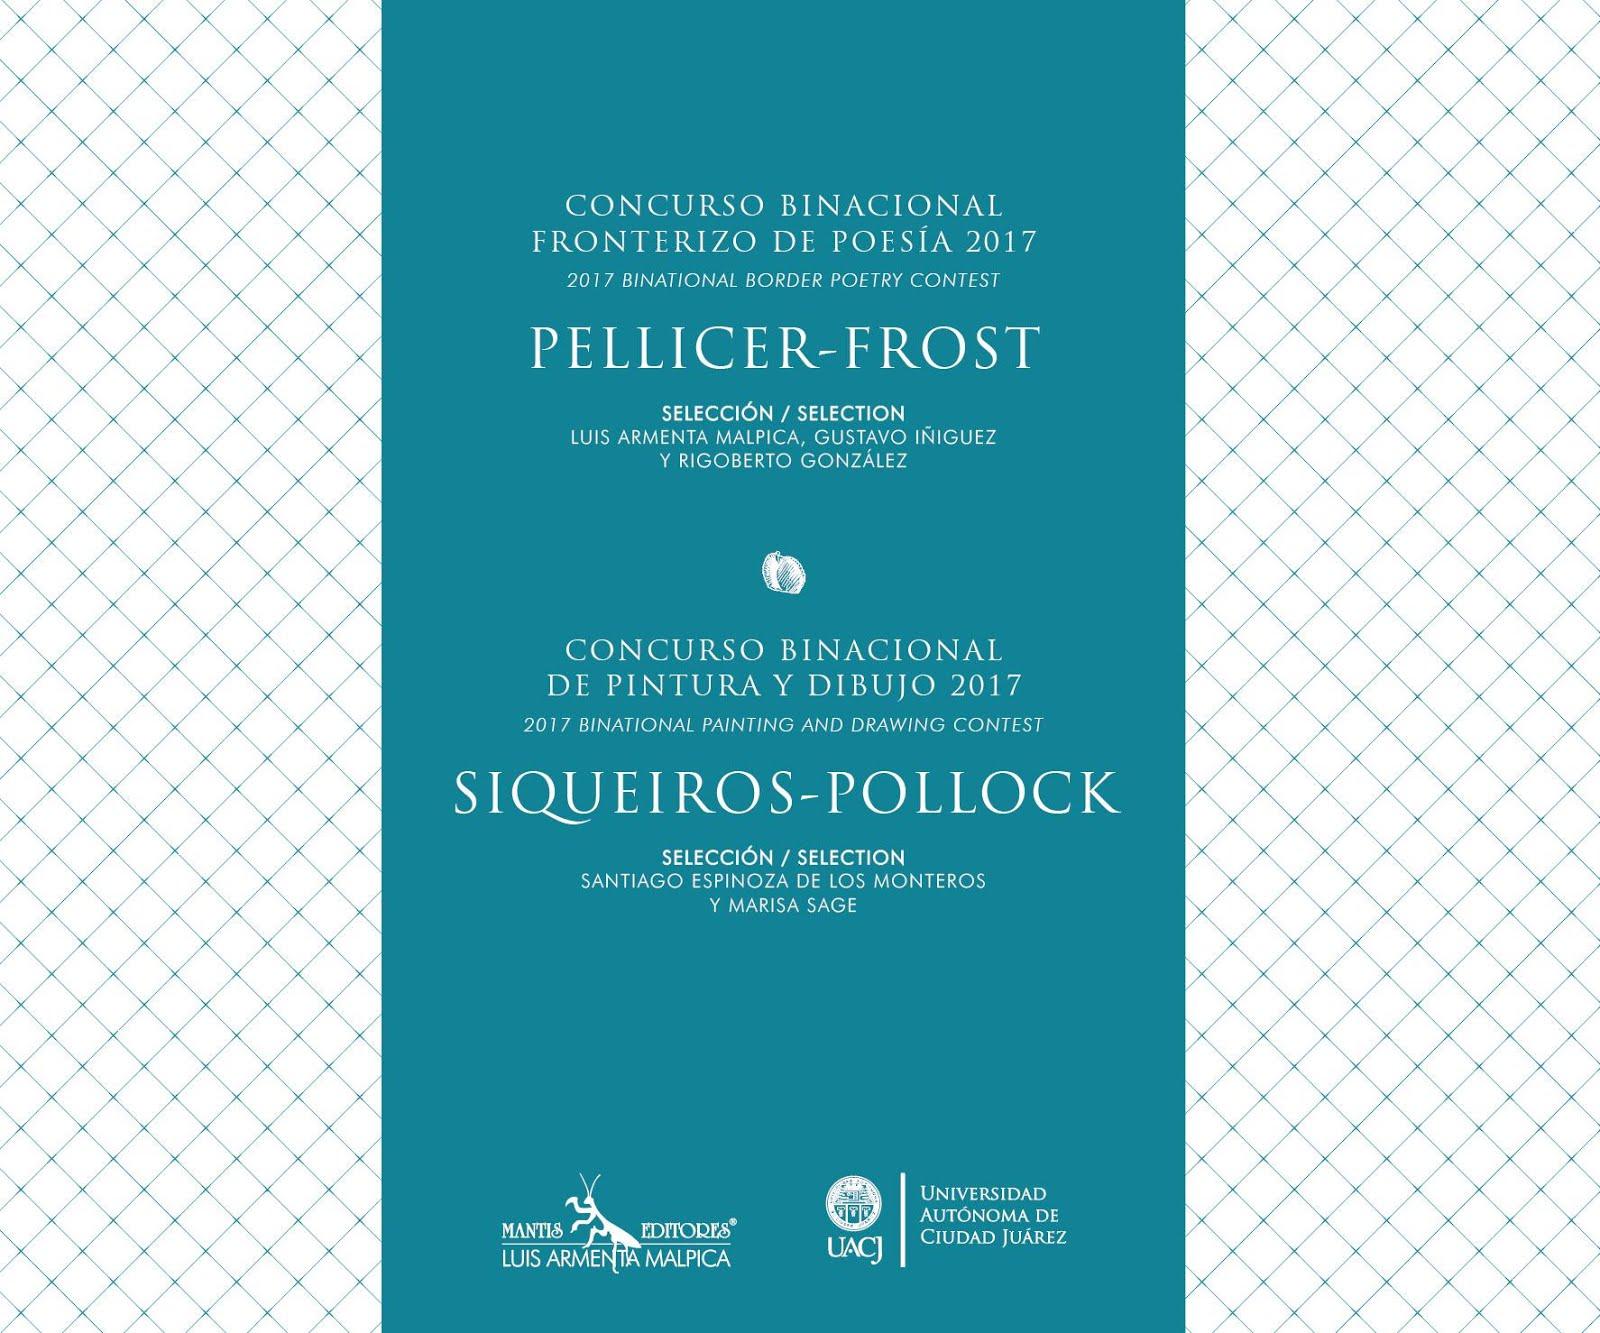 Premio Binacional de Poesía Pellicer – Frost 2017